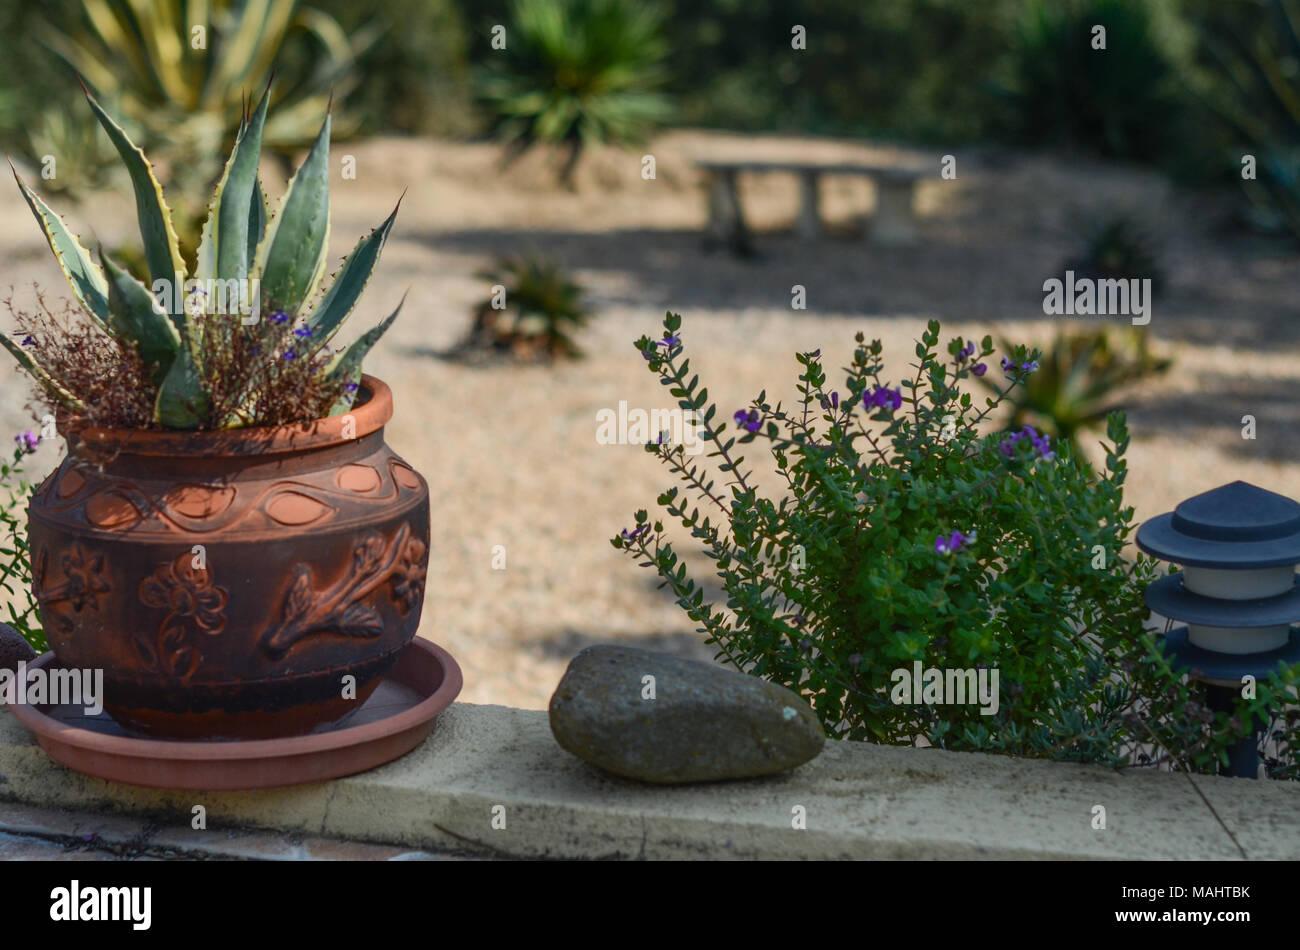 Spanisch Blumen Und Topfpflanzen In Einem Garten, Hoch In Den Hügeln Von  Girona Spanien, Yuccapalmen